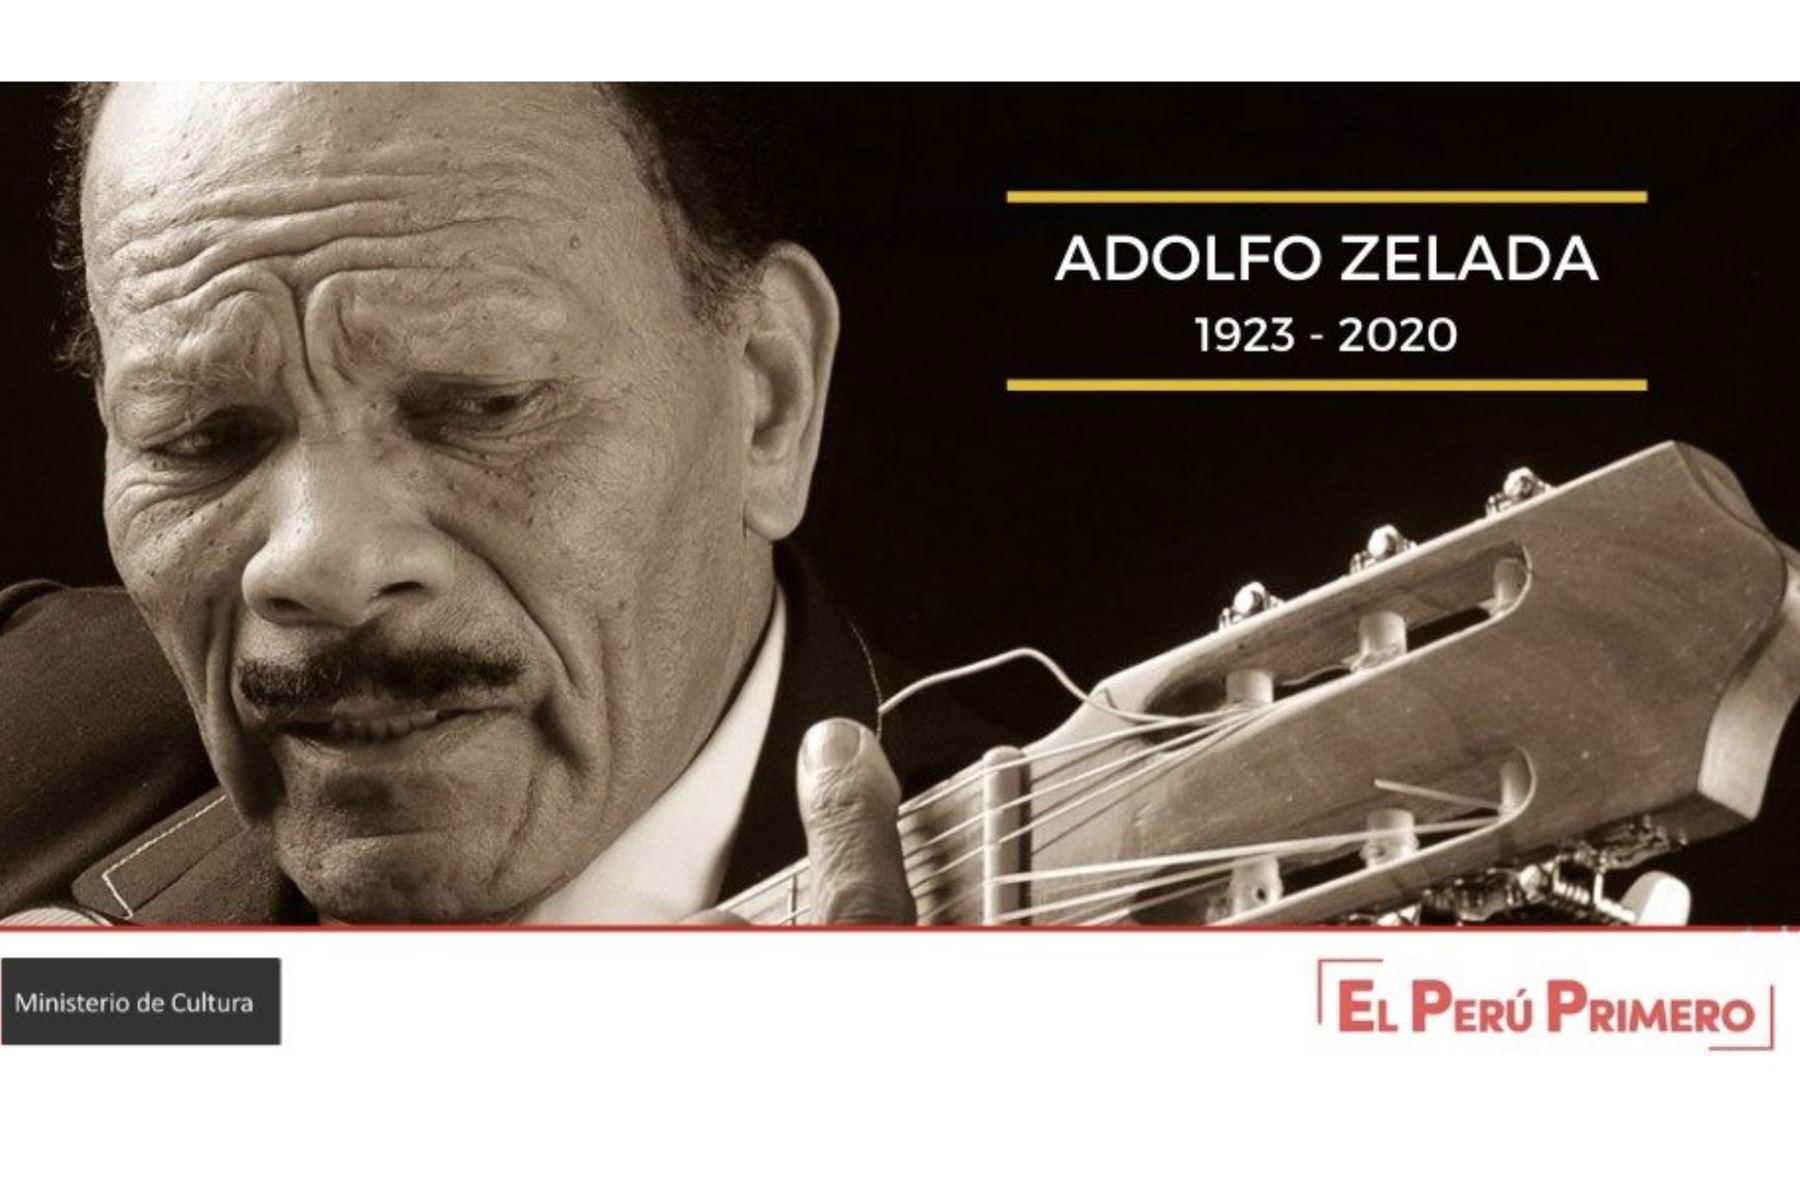 Adolfo Zelada